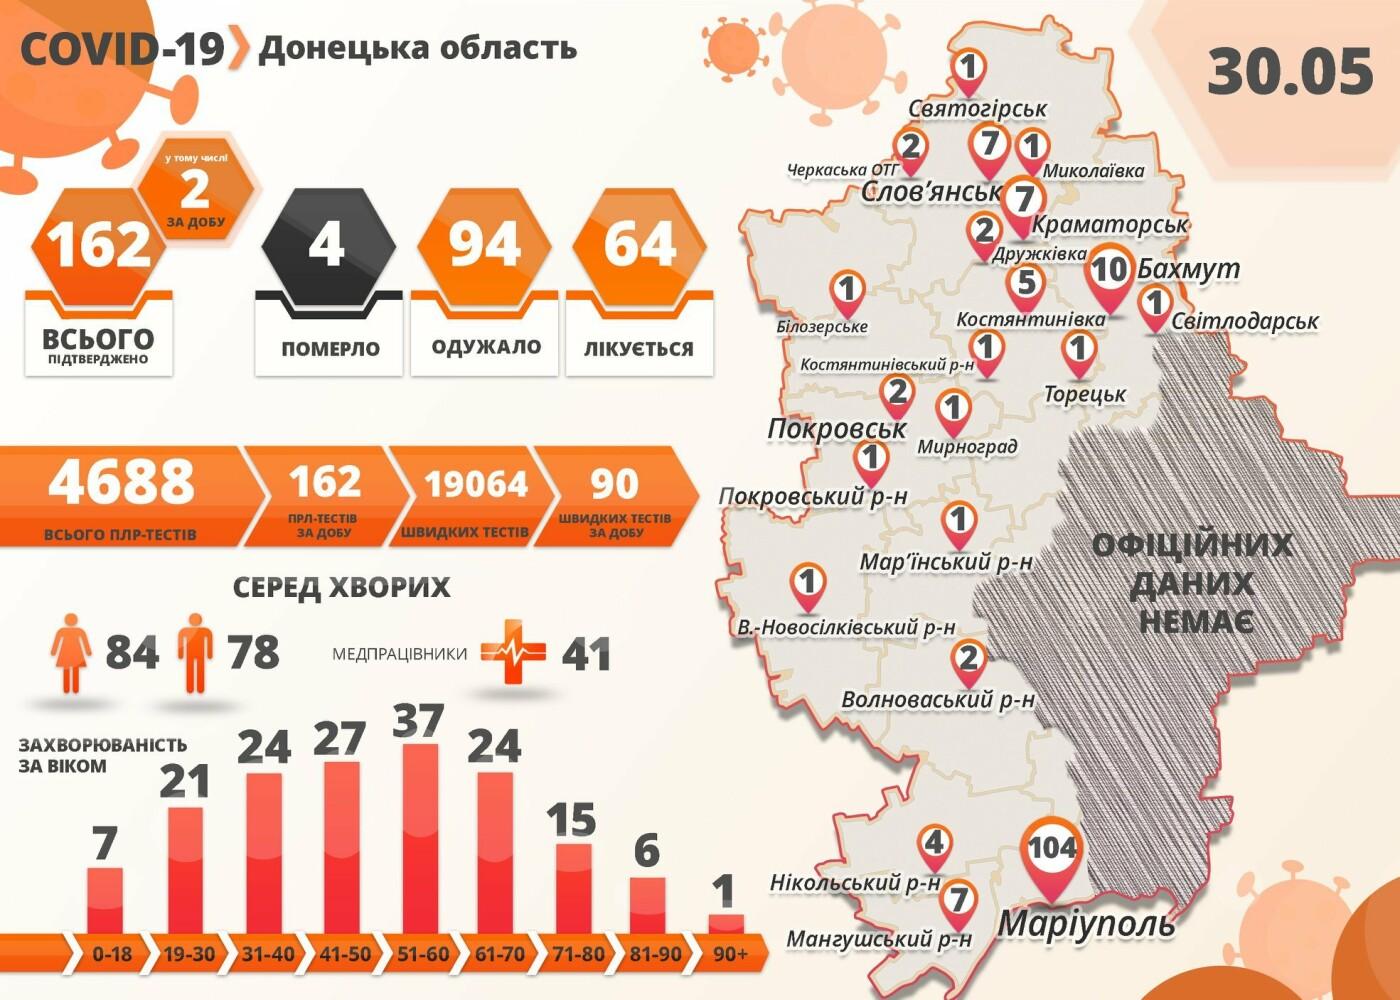 В Донецкой области количество случаев коронавируса выросло до 162, фото-1